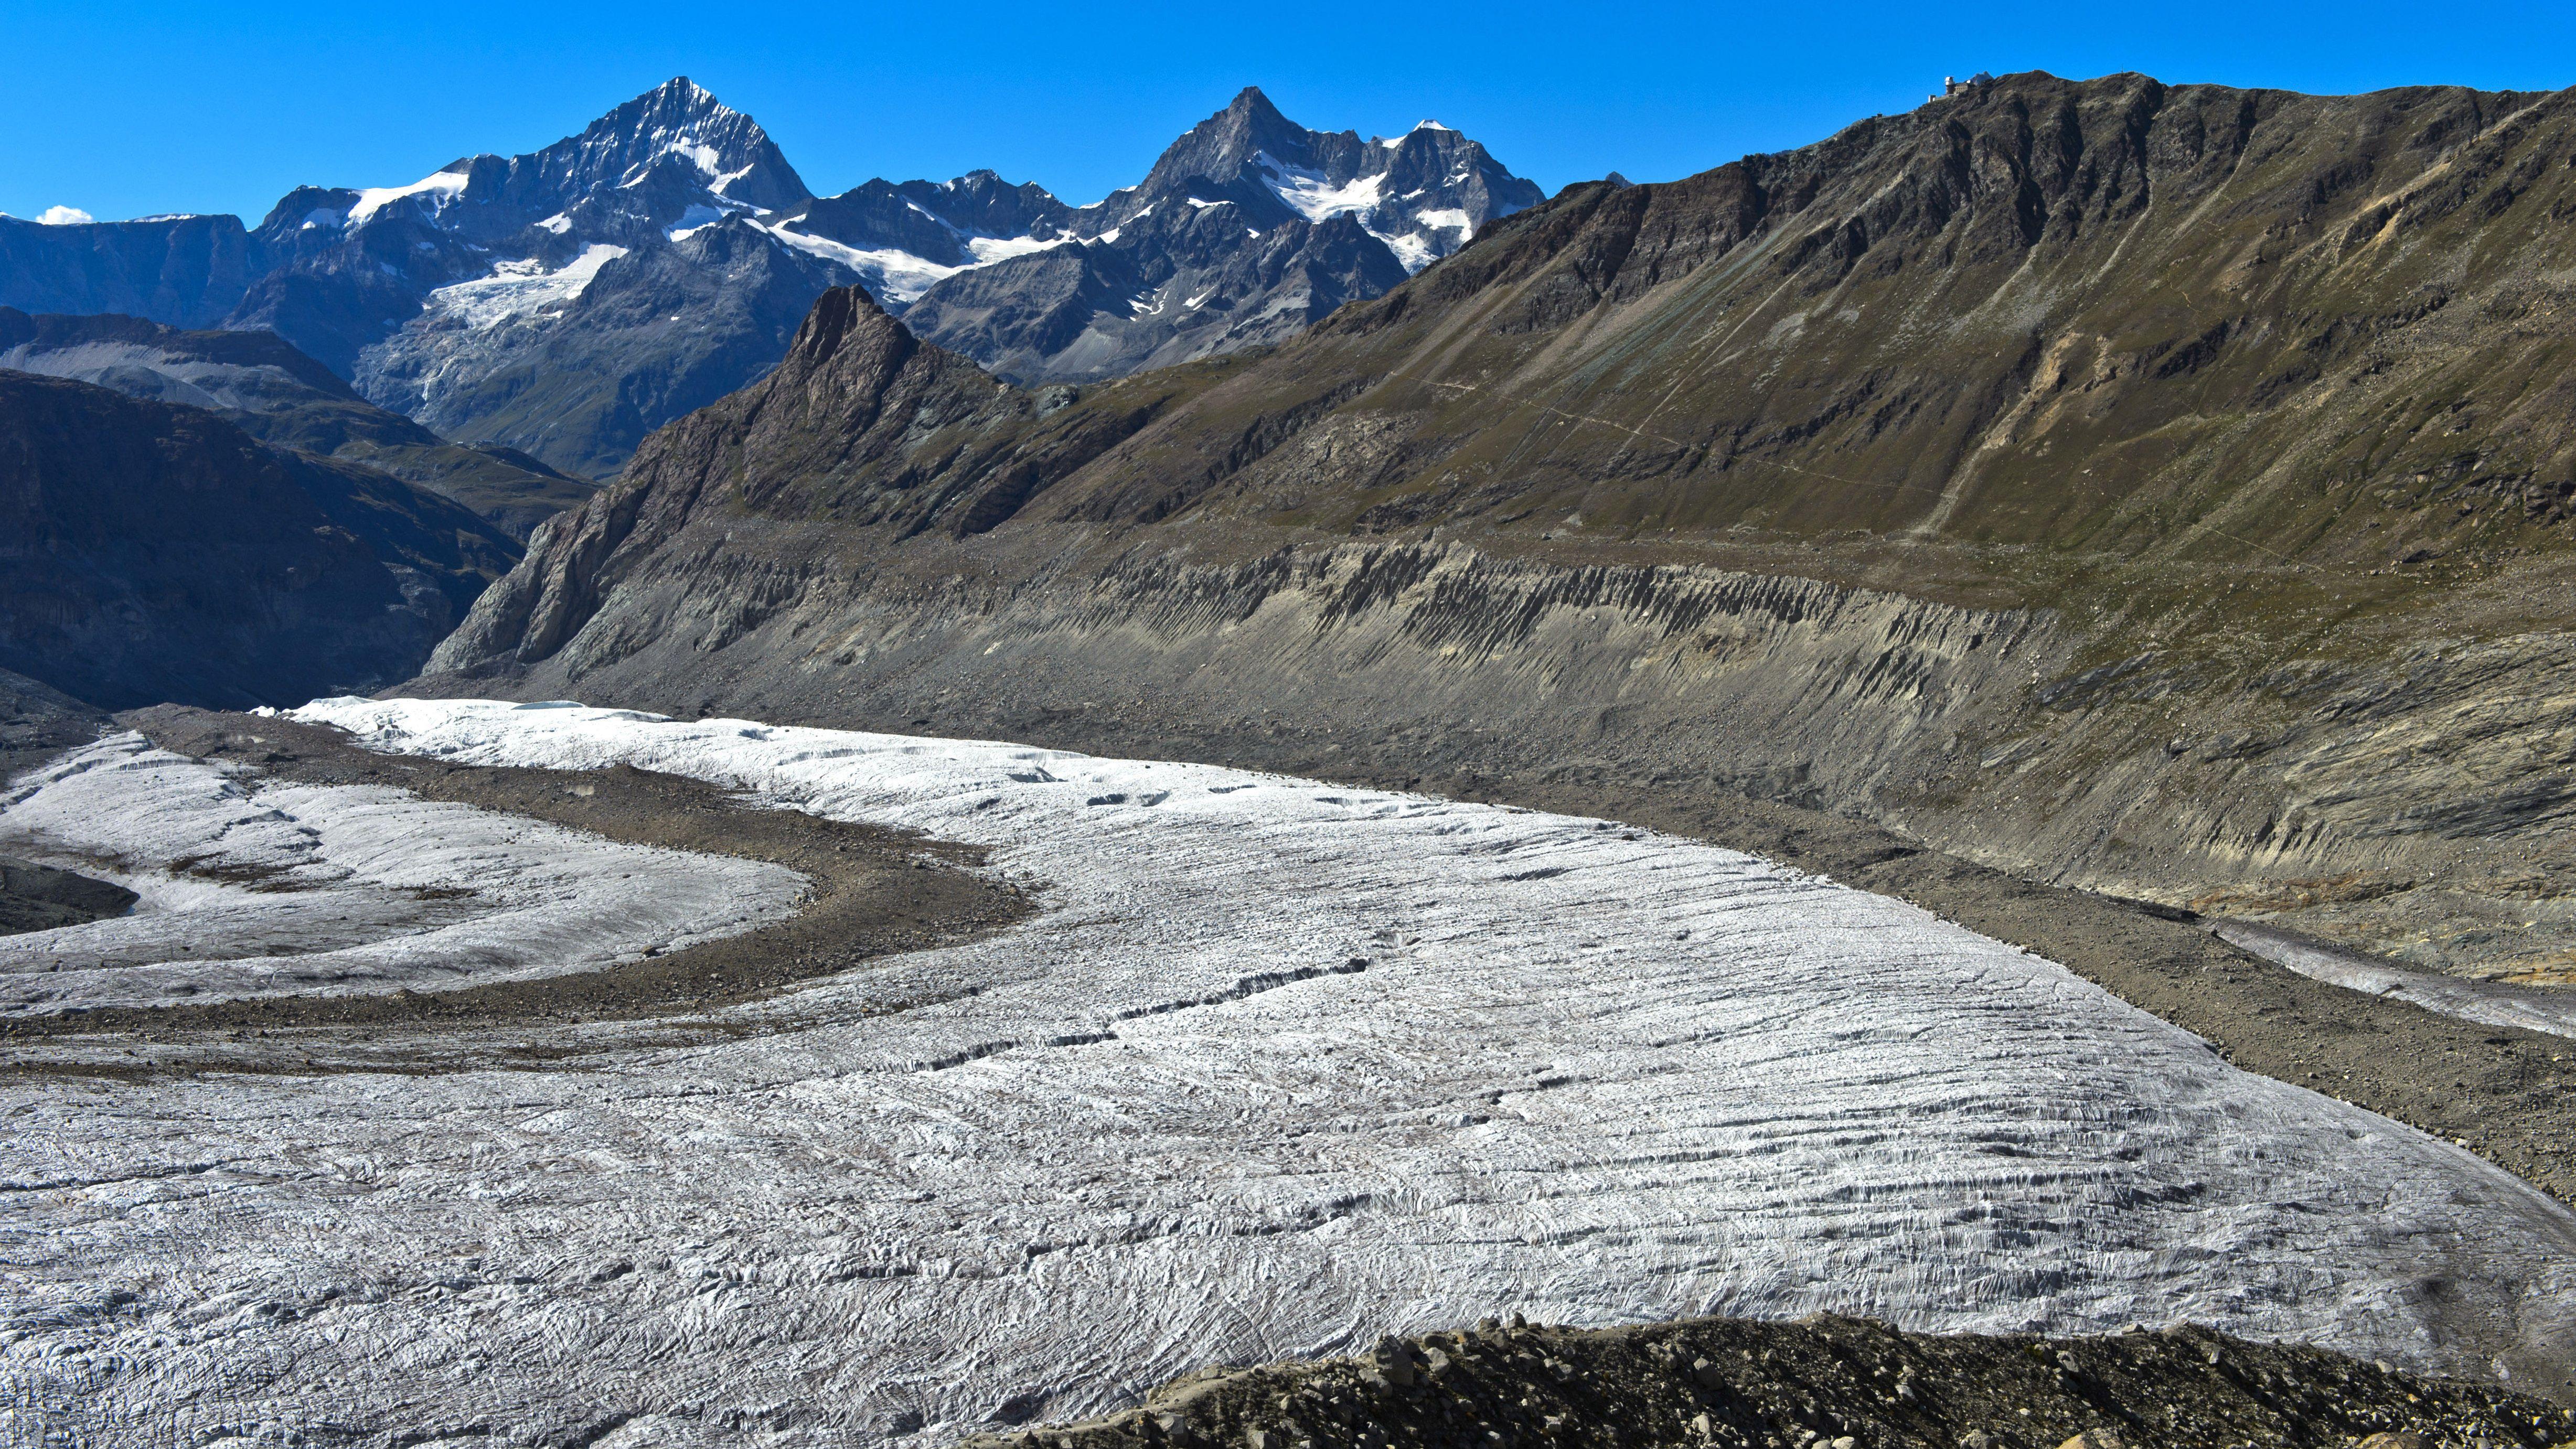 Blick ueber den Gornergletscher auf Dent Blanche, Ober Gabelhorn und Wellenkuppe, Zermatt, Wallis, Schweiz